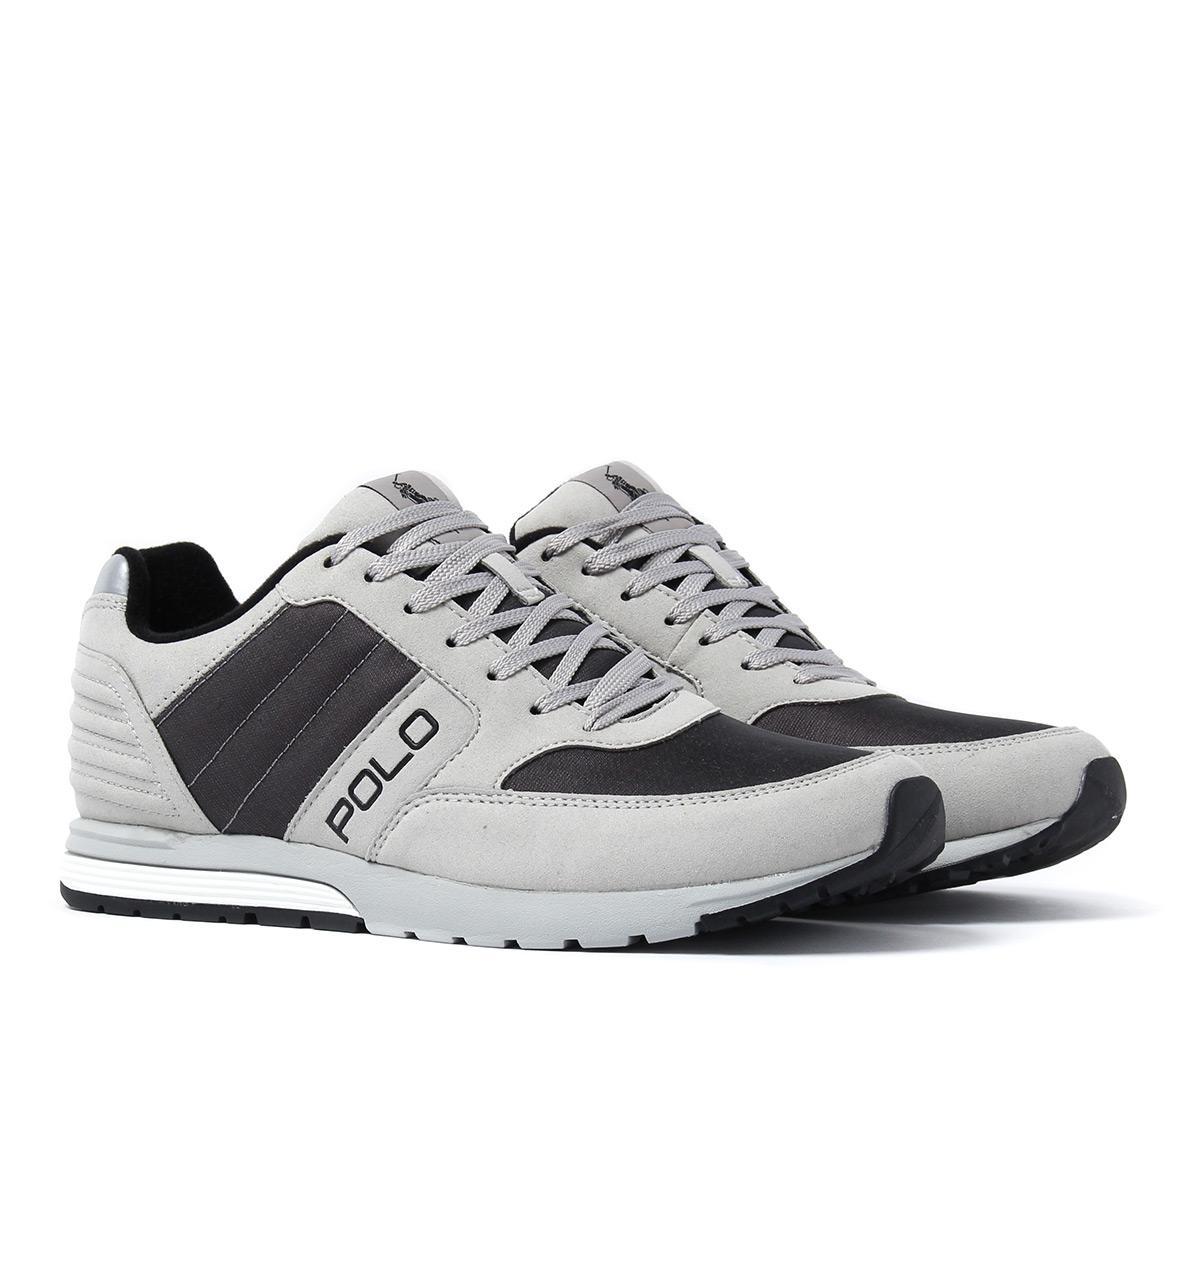 Laxman Tech sneakers - Grey Polo Ralph Lauren kPXirjpEjy